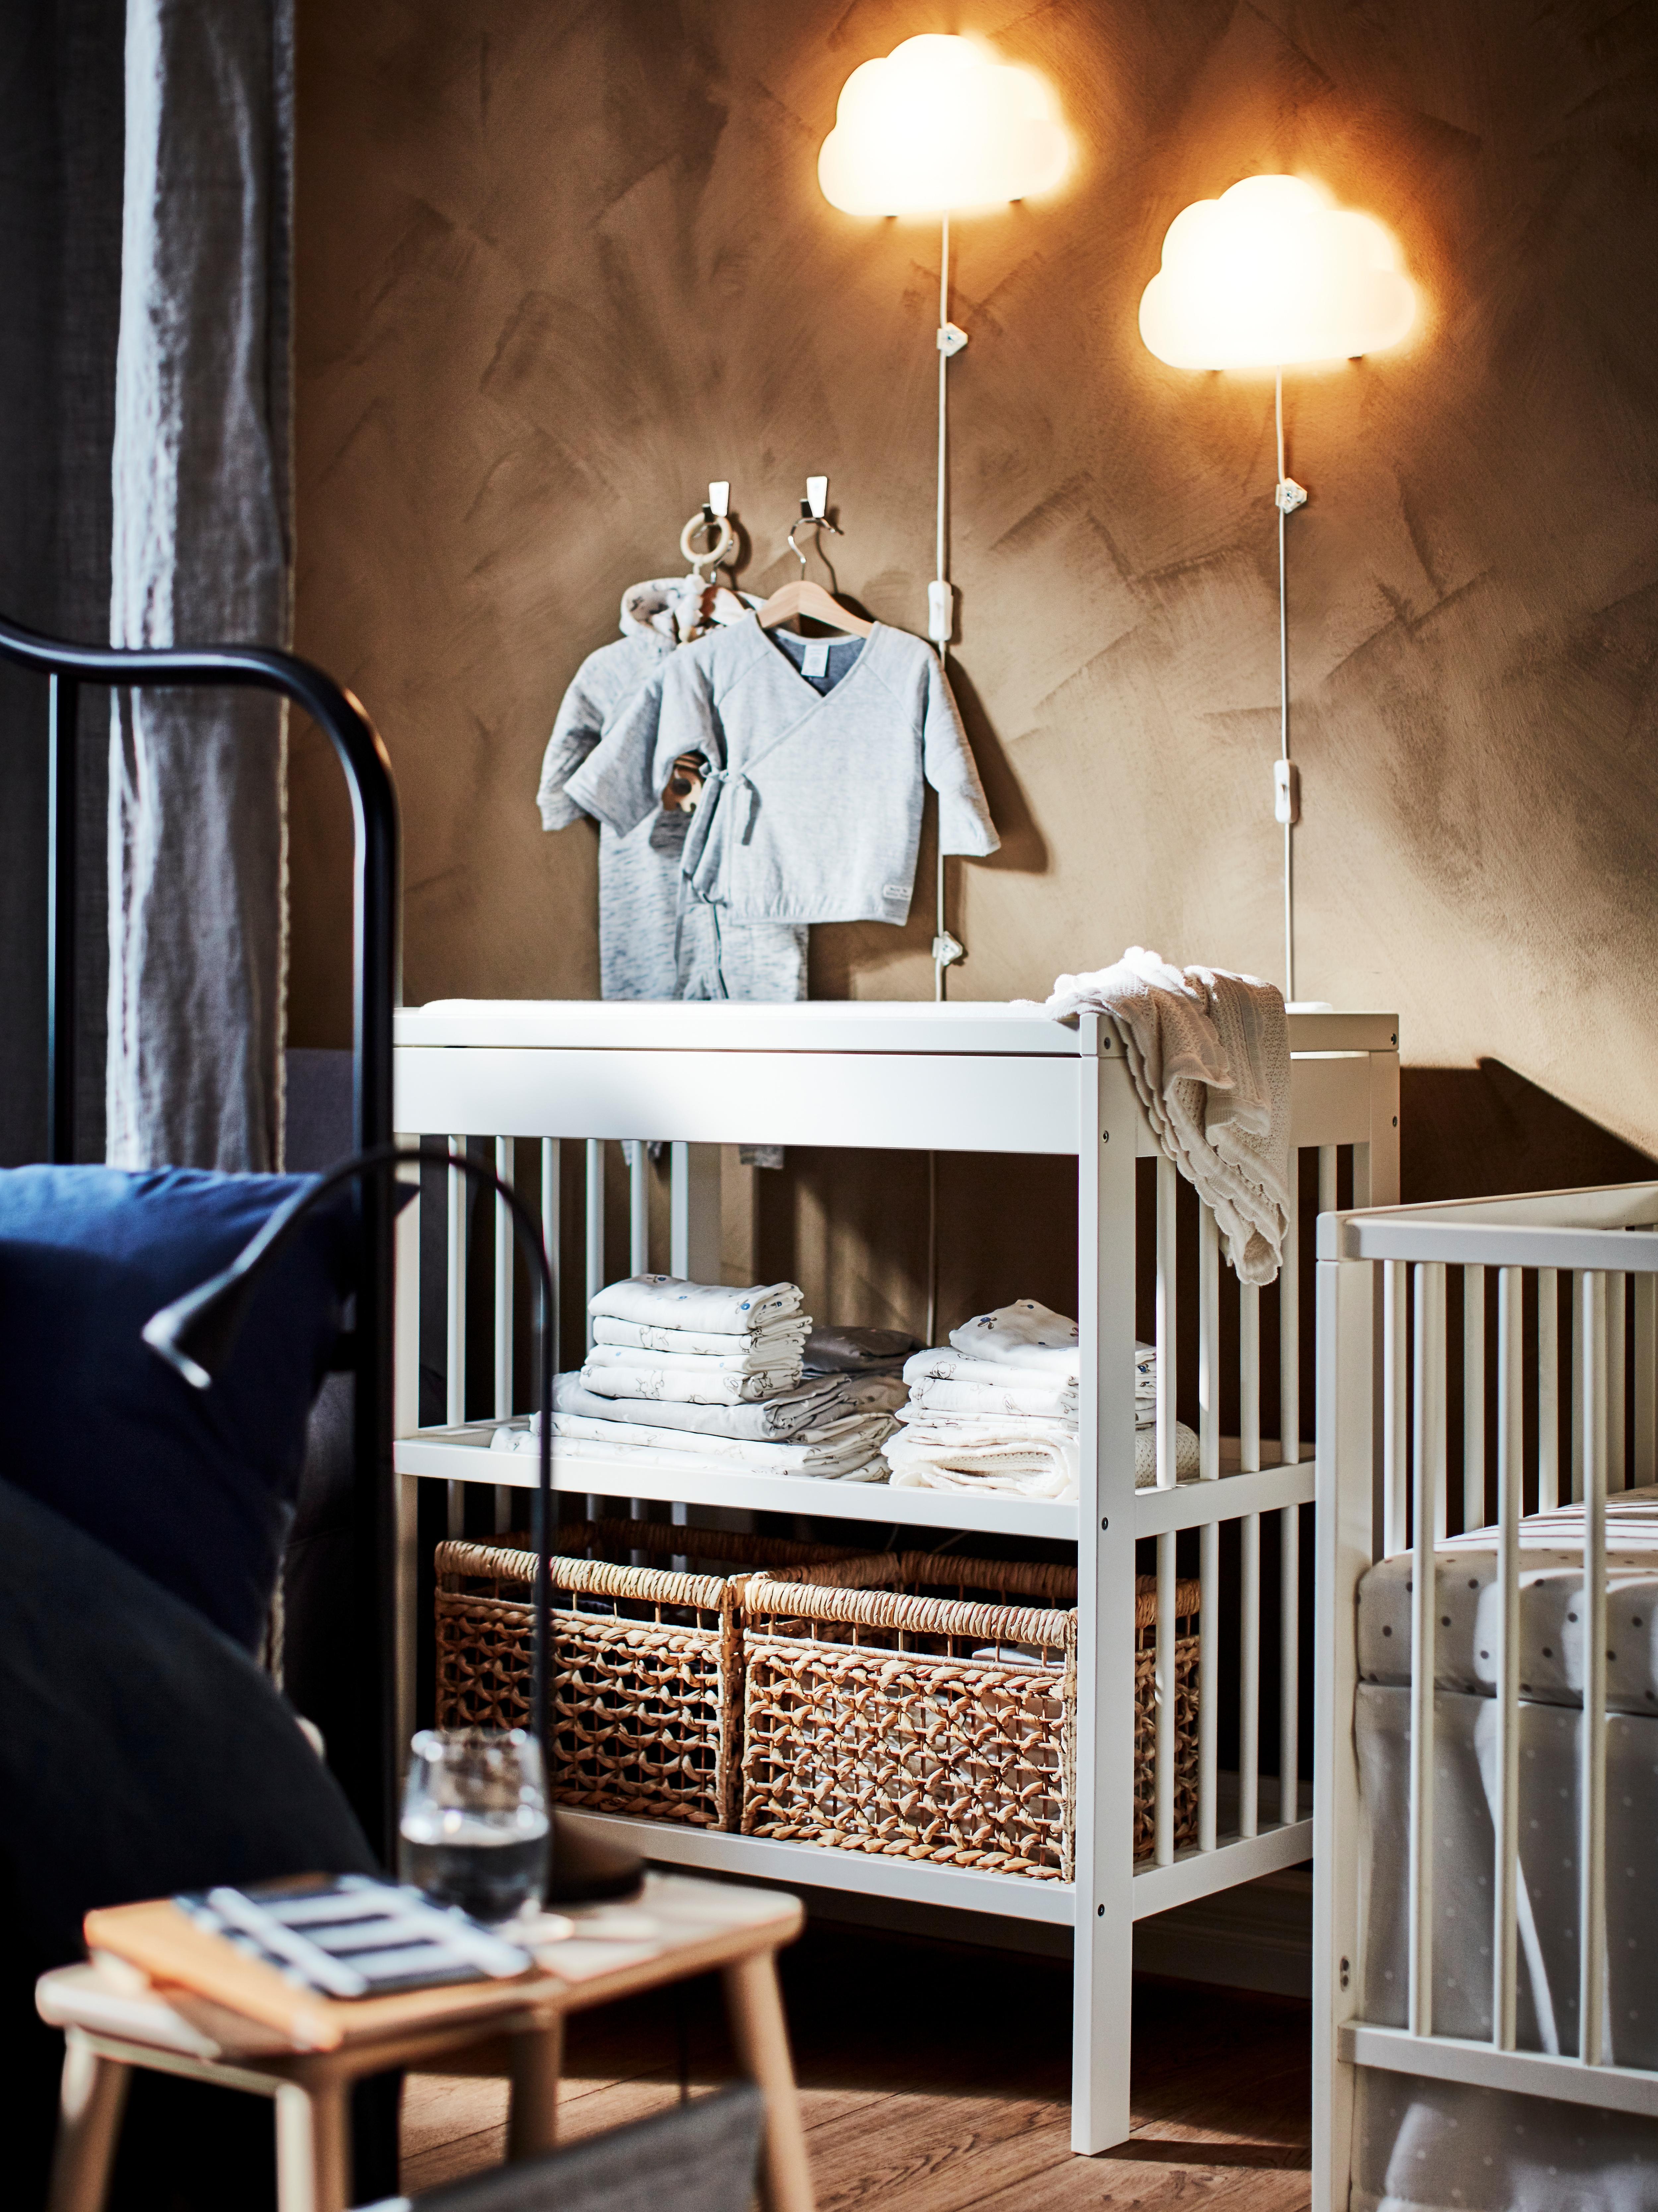 GULLIVER puslebord i et soveværelse med kurve og tekstiler på hylderne. Der er to UPPLYST LED-lamper på væggen.